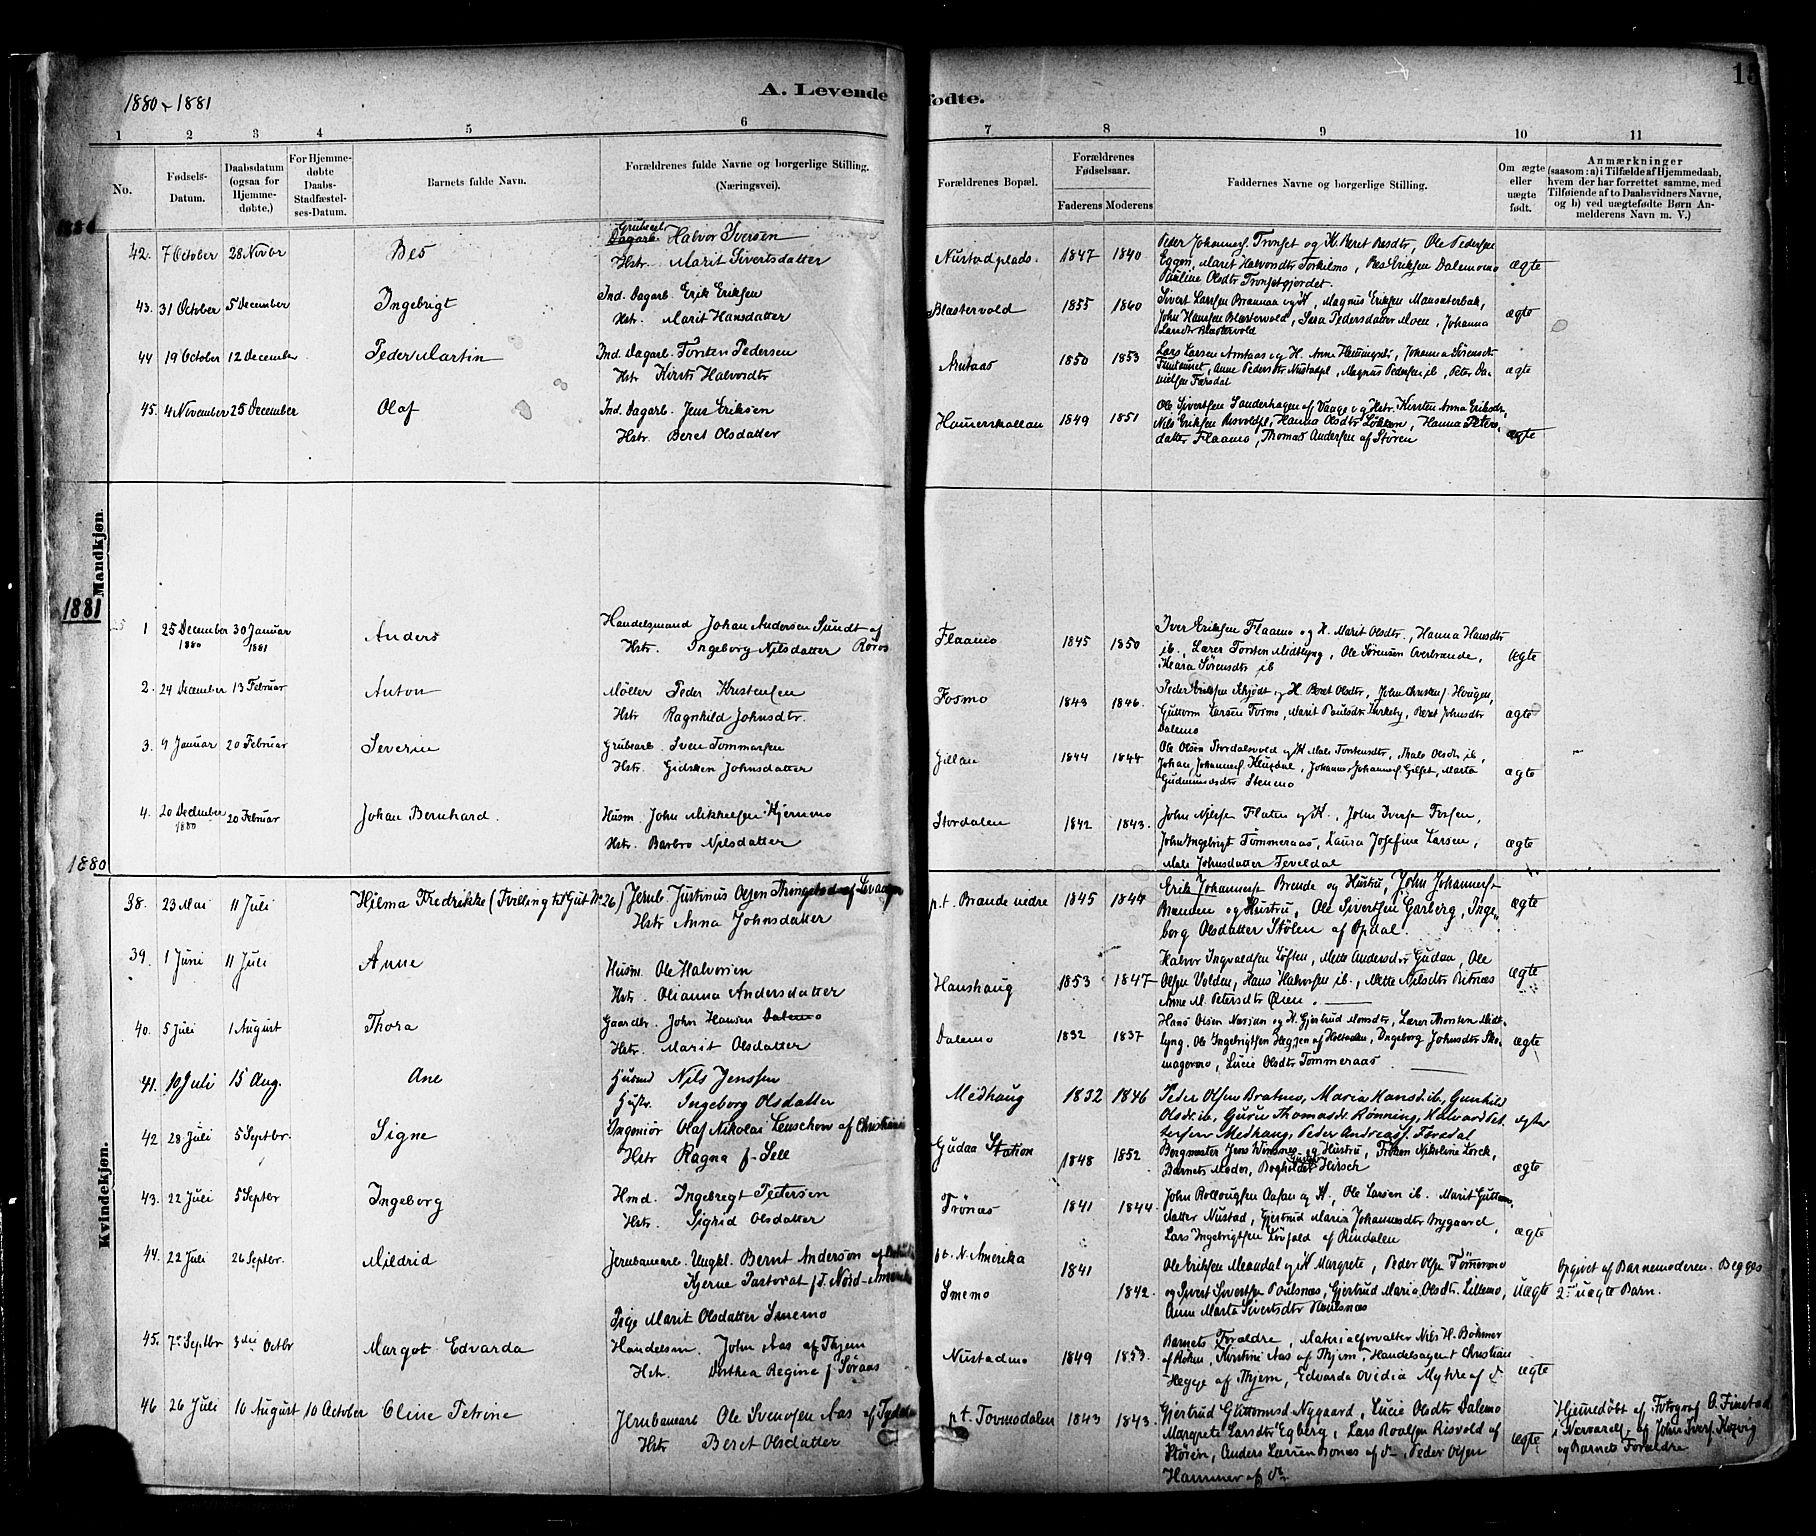 SAT, Ministerialprotokoller, klokkerbøker og fødselsregistre - Nord-Trøndelag, 706/L0047: Parish register (official) no. 706A03, 1878-1892, p. 15